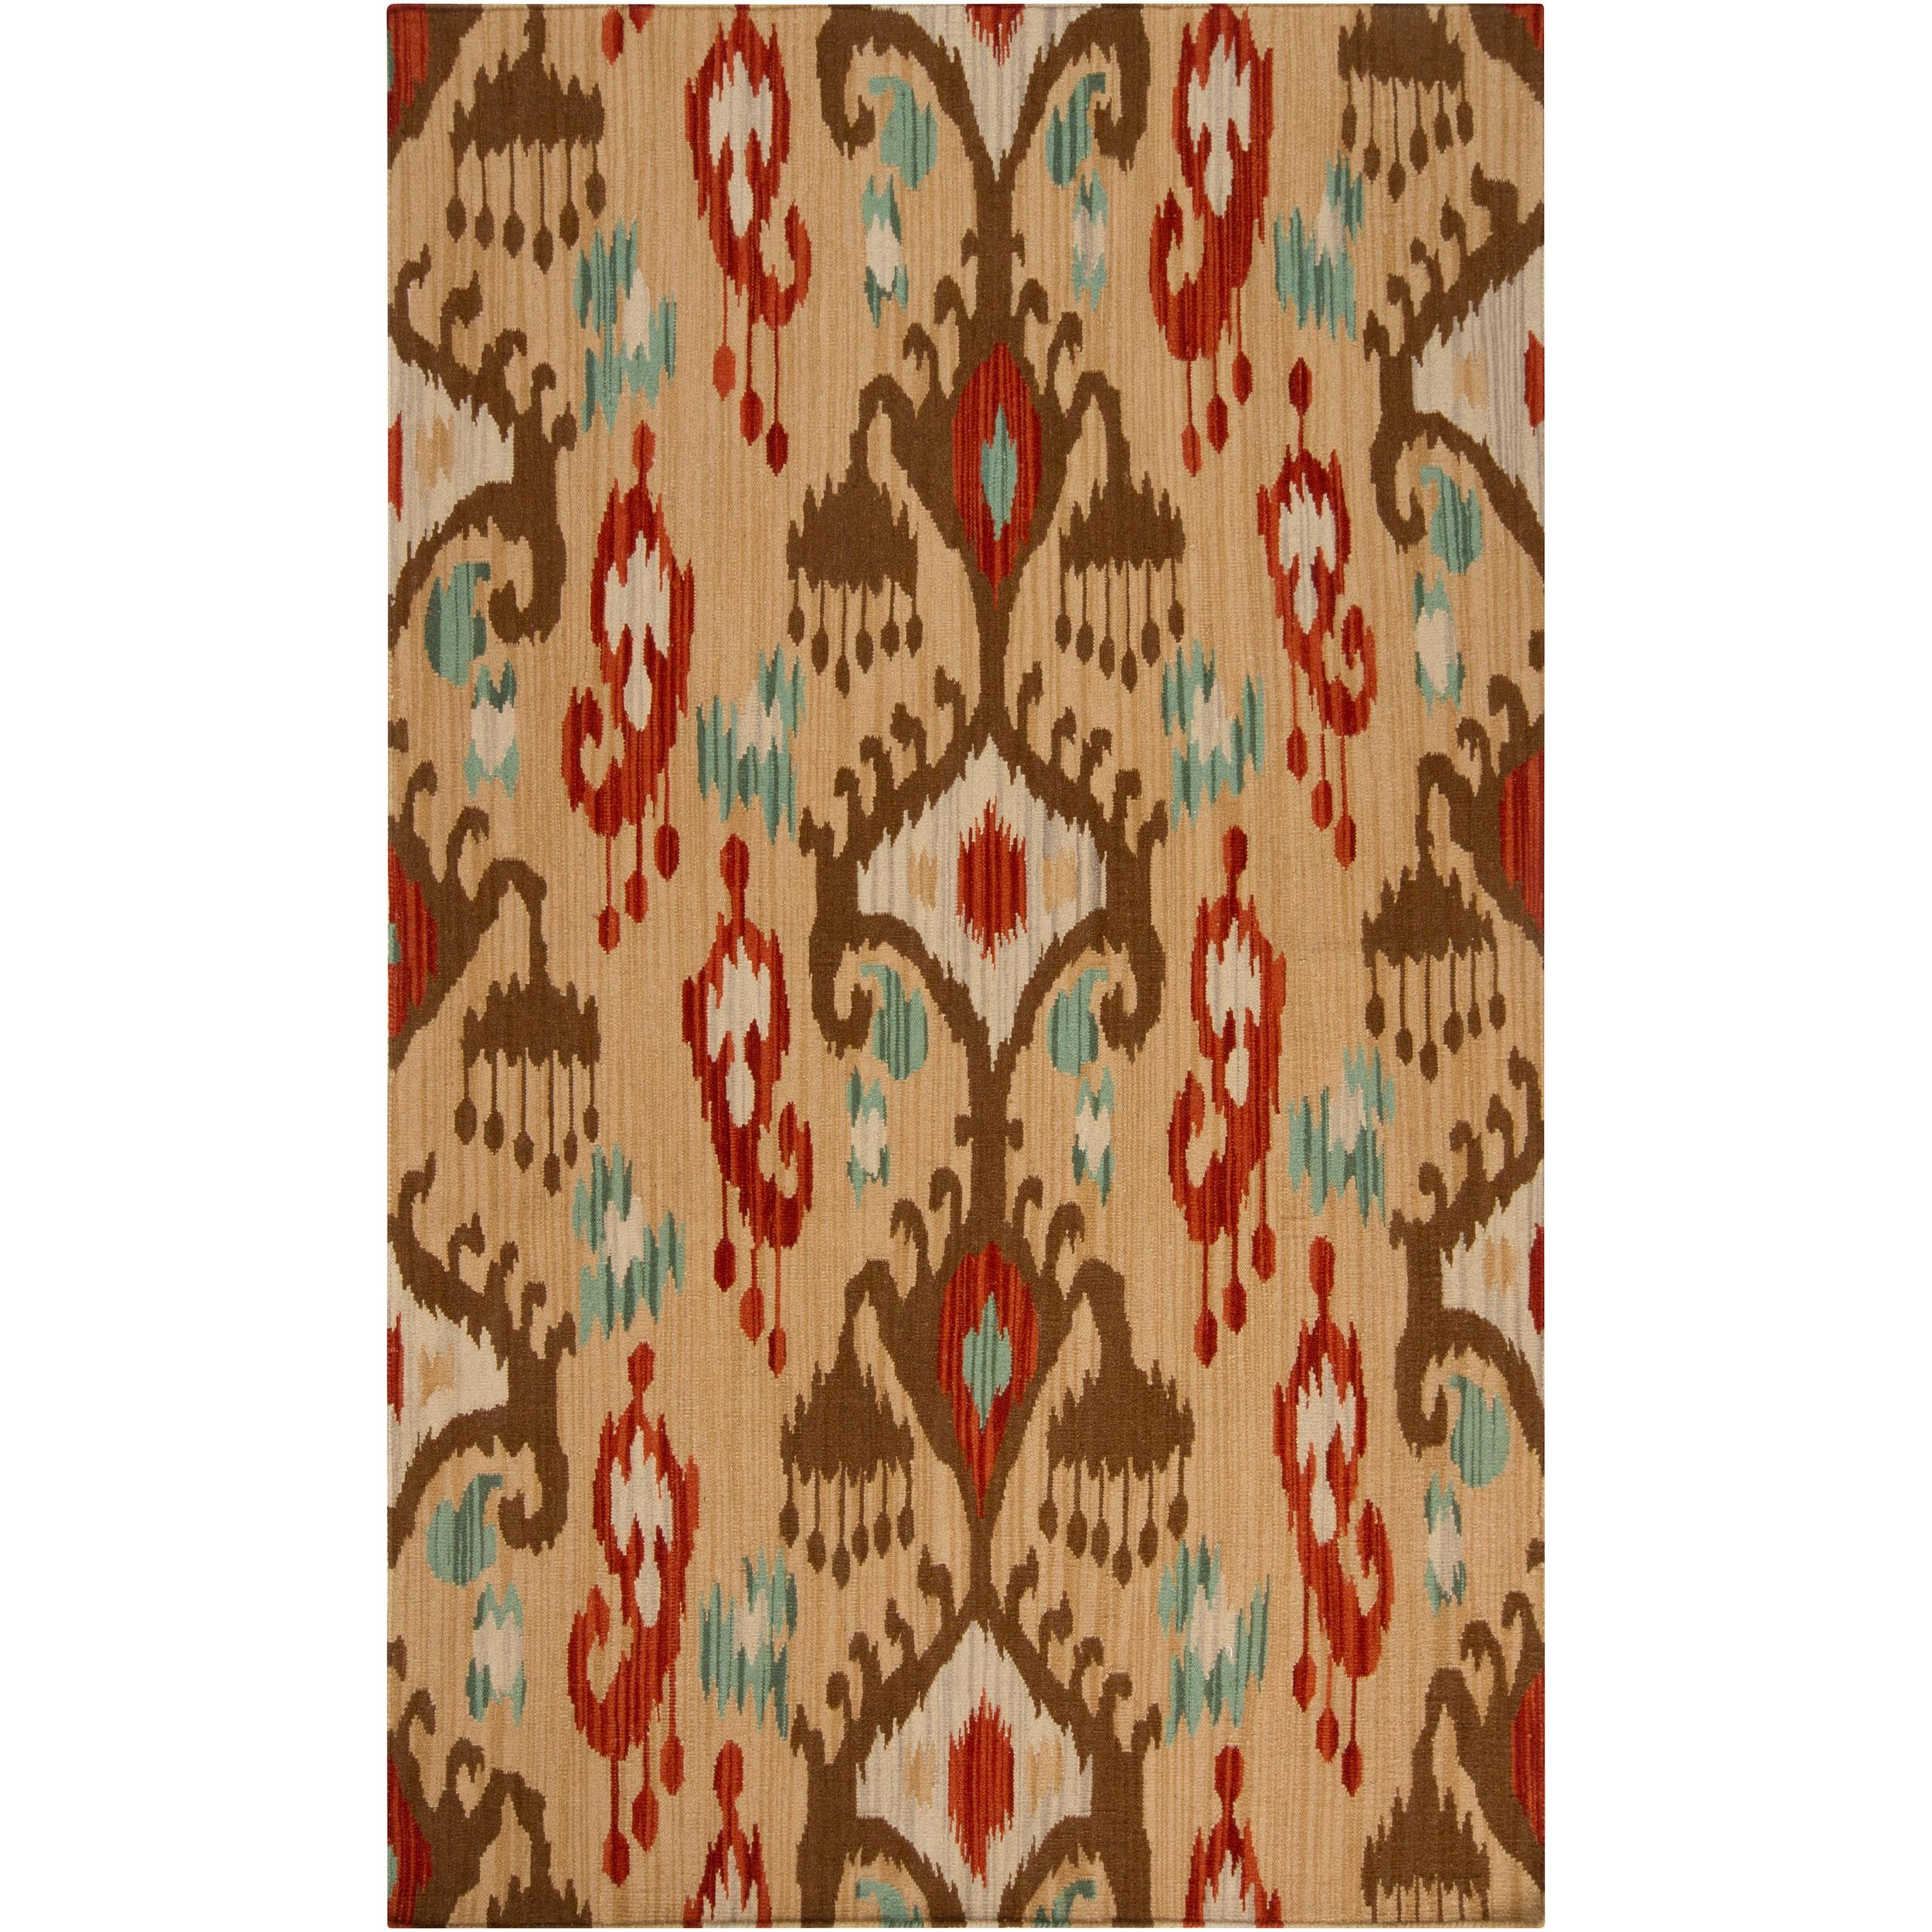 Hand-woven Tan Caroni Wool Area Rug (8' x 11')